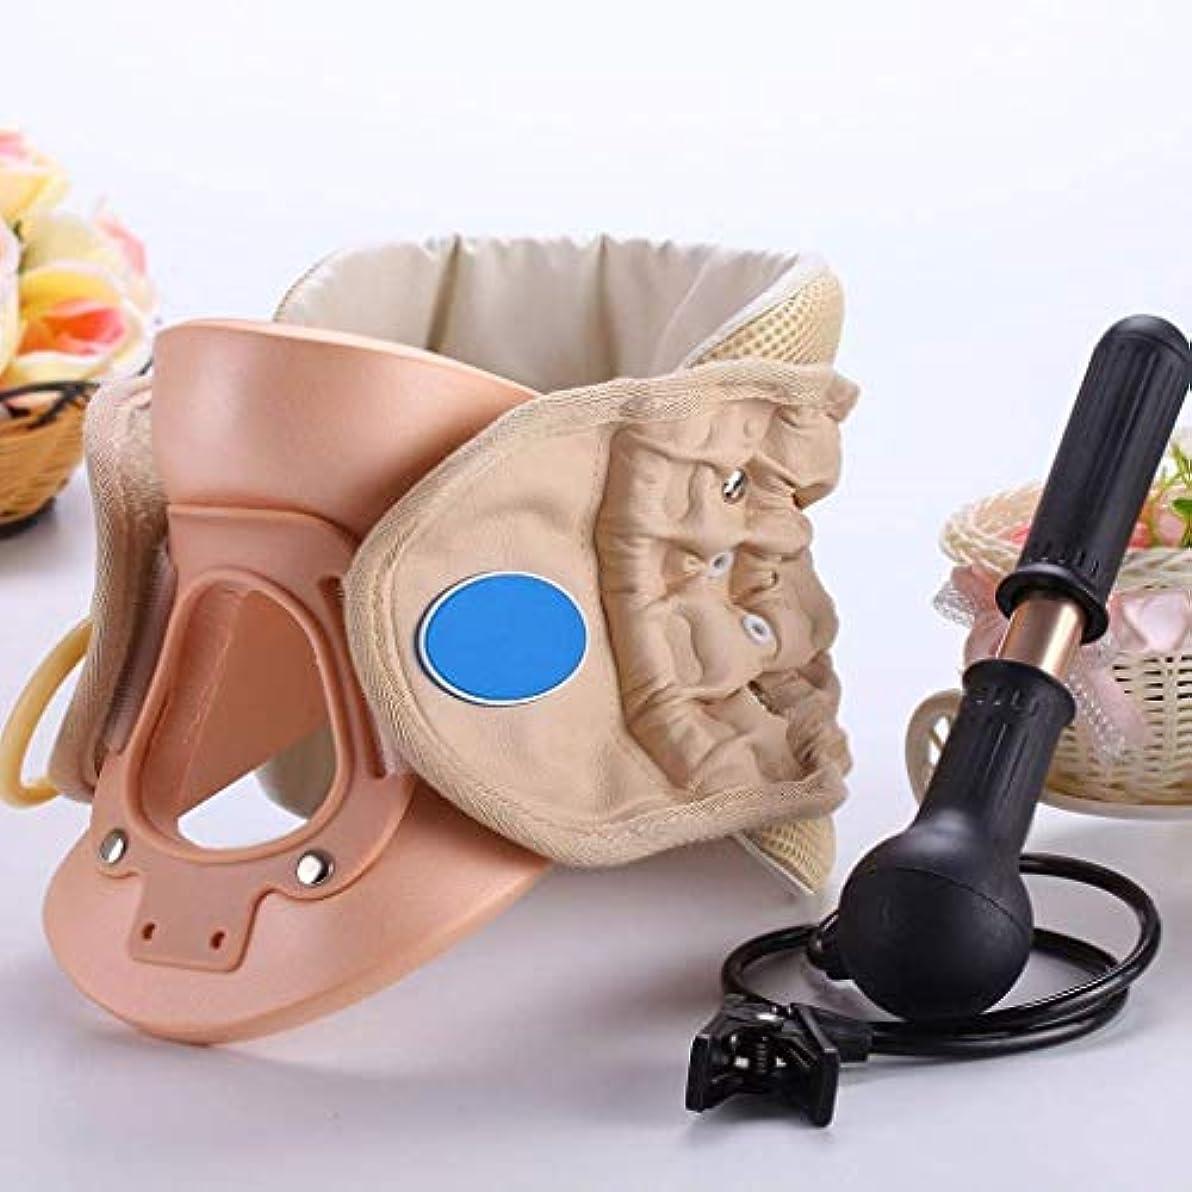 貴重なテキストロデオ首の痛みや頸椎症の人に適したインフレータブル頸椎トラクター、首牽引装置、家の保護頸椎矯正器具